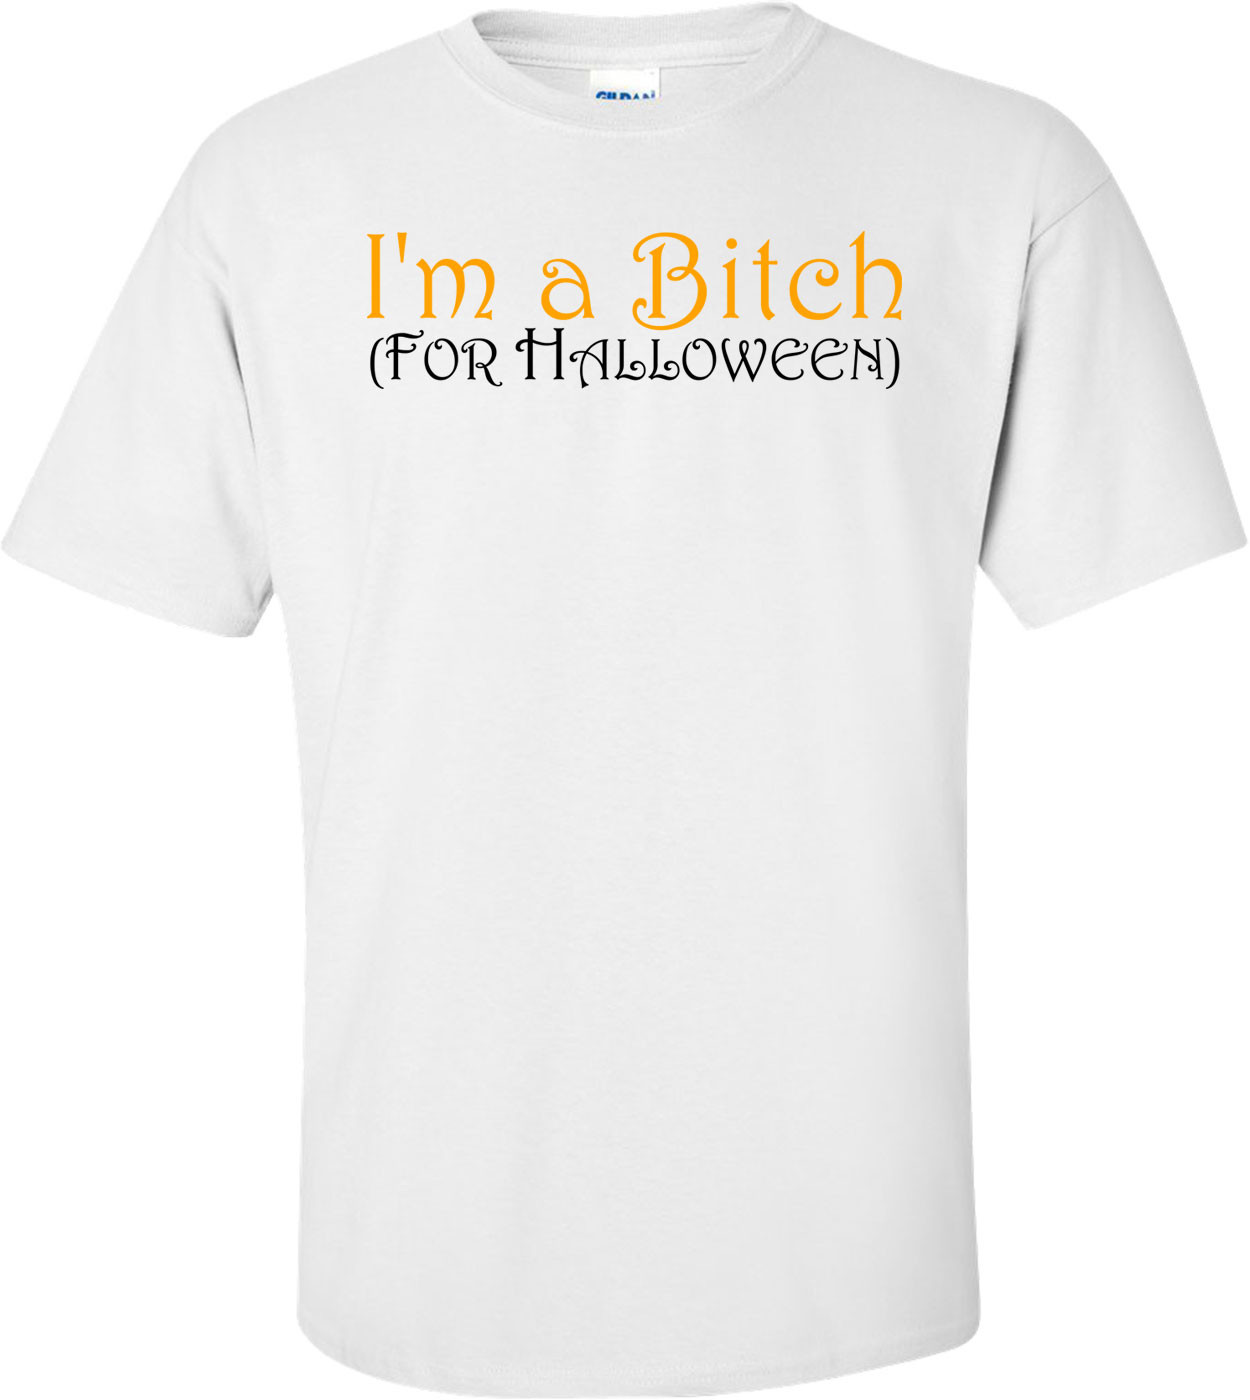 I'm A Bitch For Halloween - Halloween Shirt